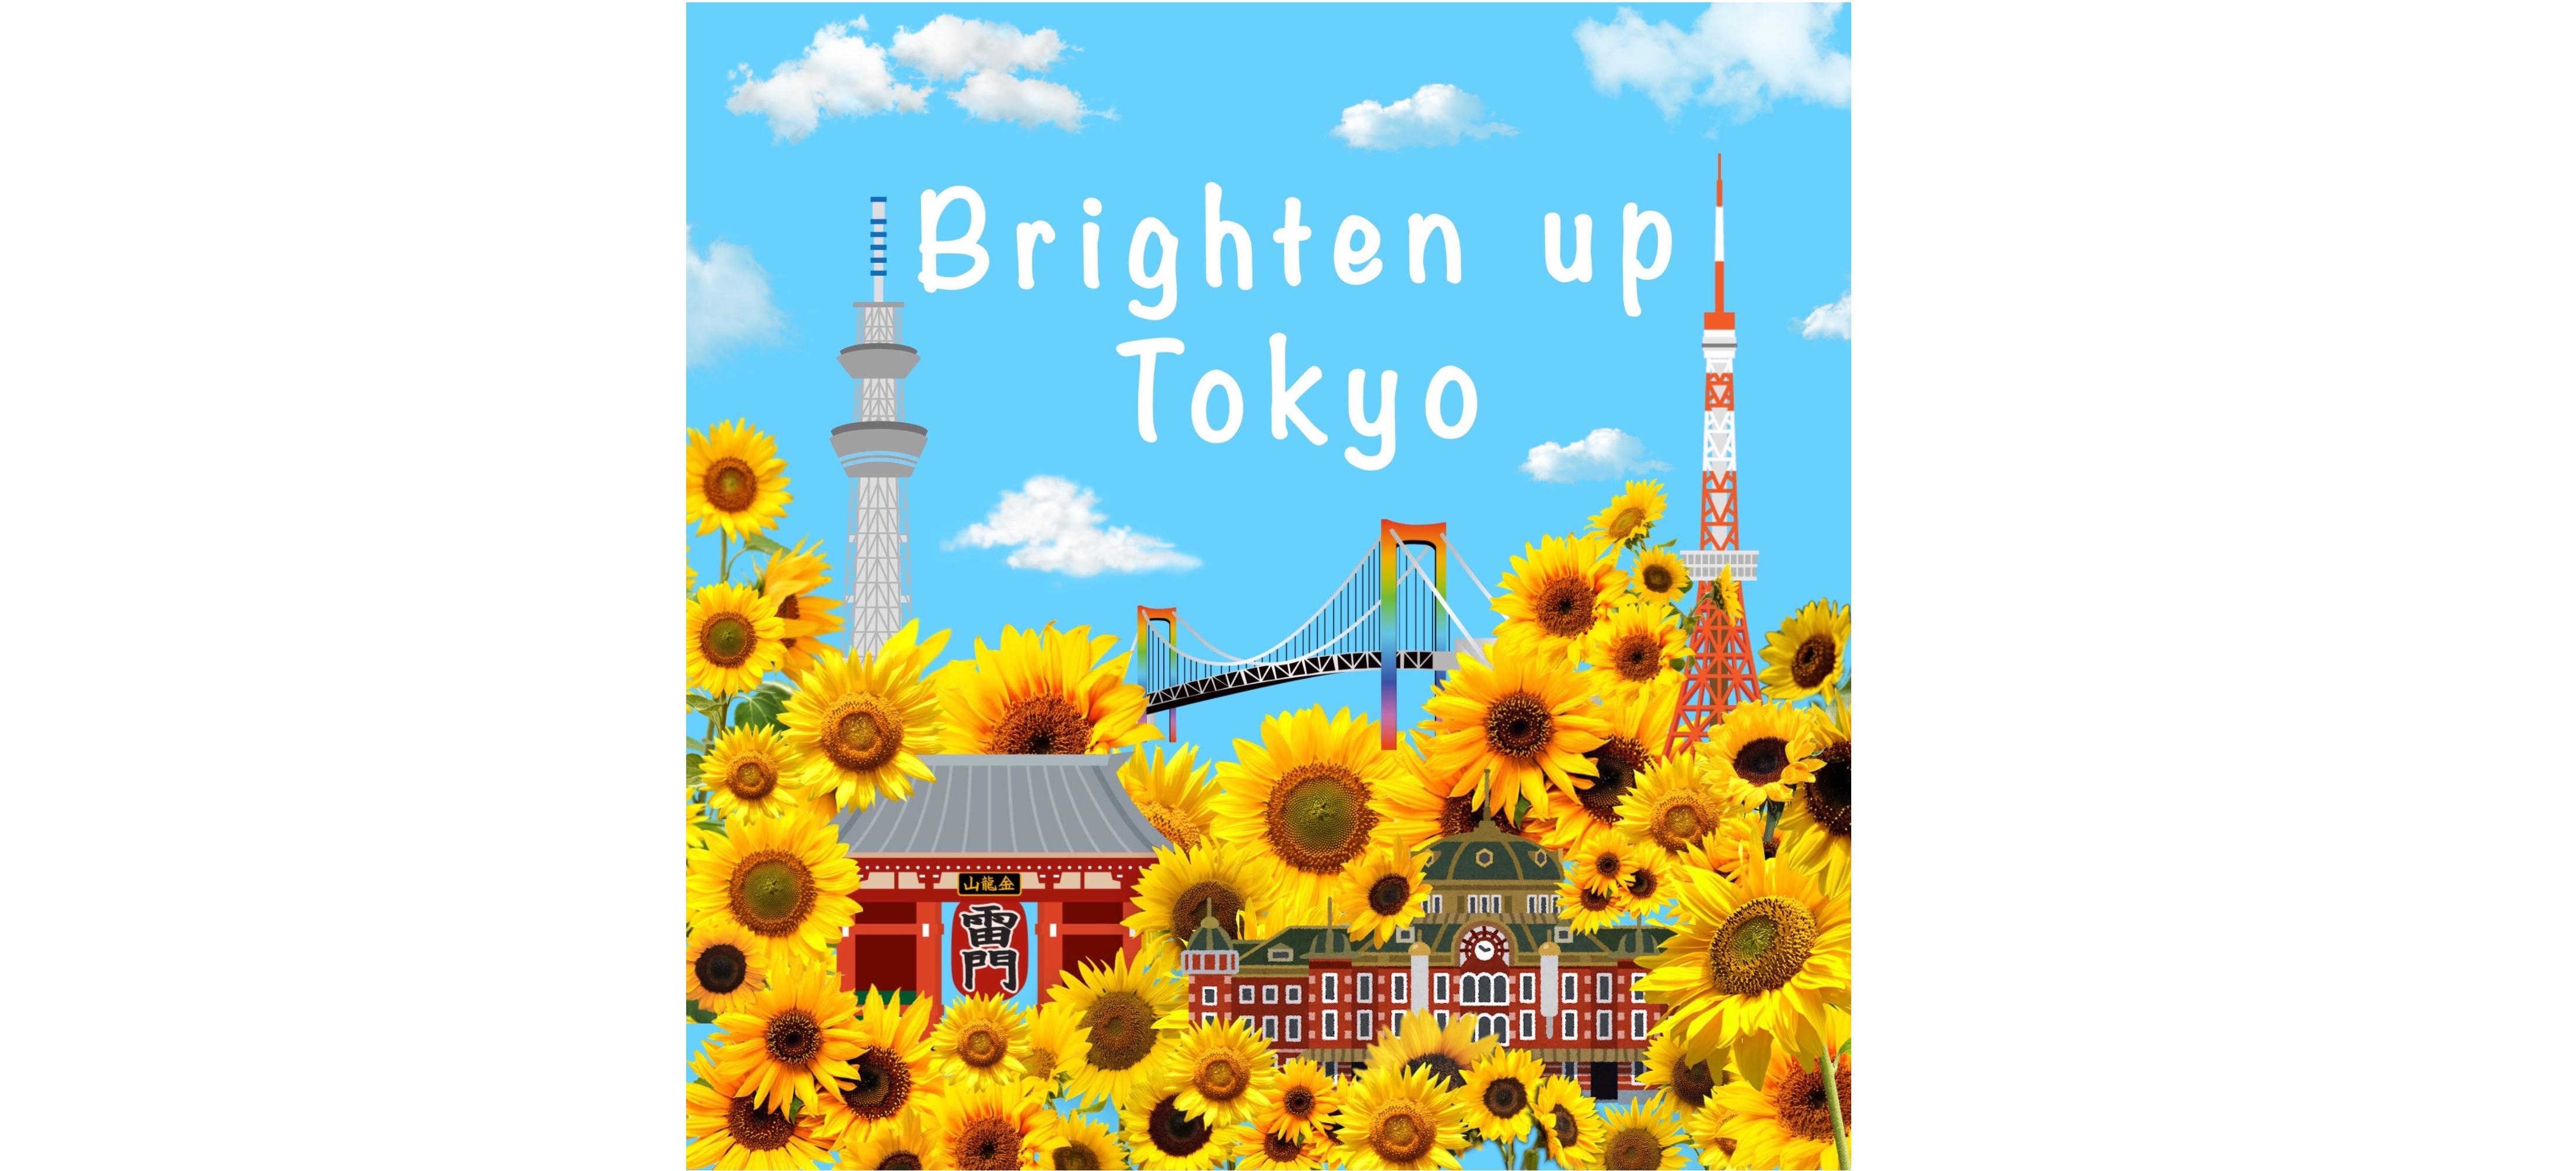 東京を明るく元気に!オンラインイベント「Brighten up Tokyo」